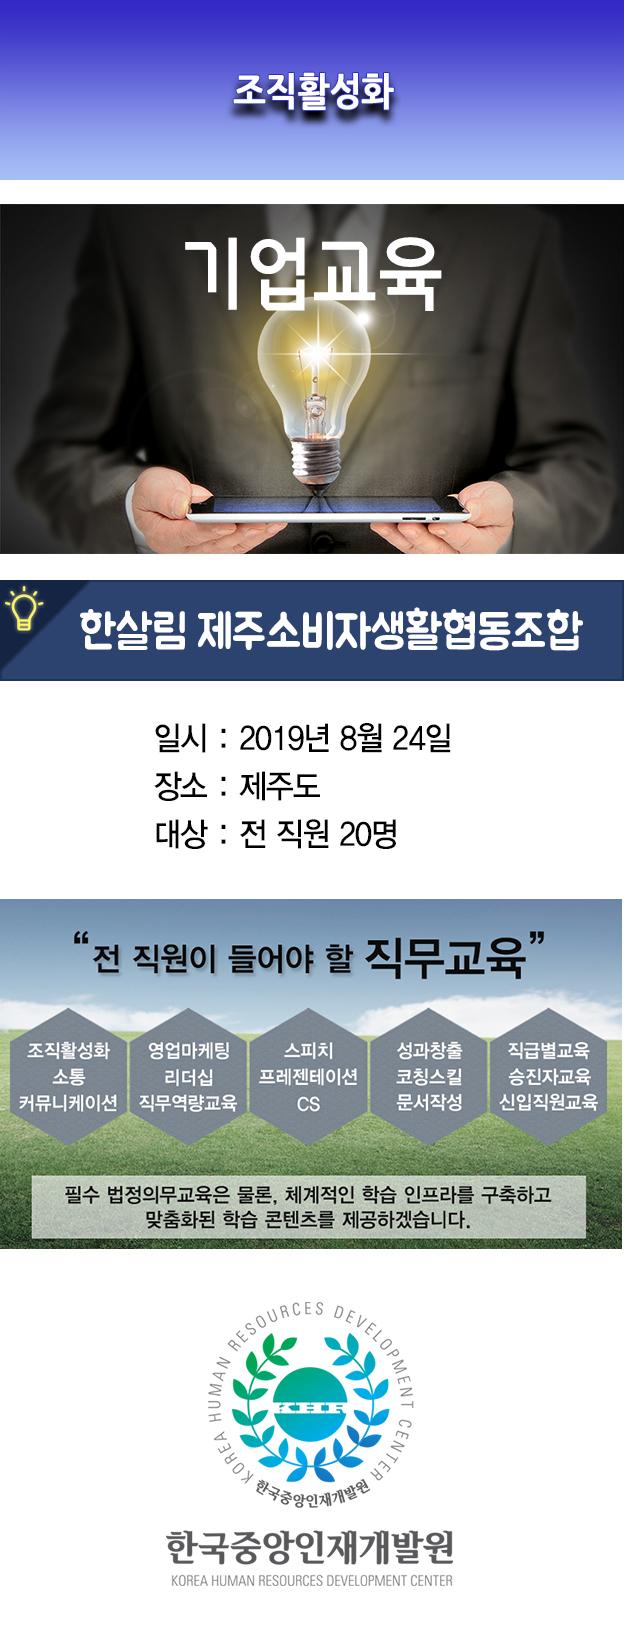 한국중앙인재개발원 공지사항_한살림제주.jpg